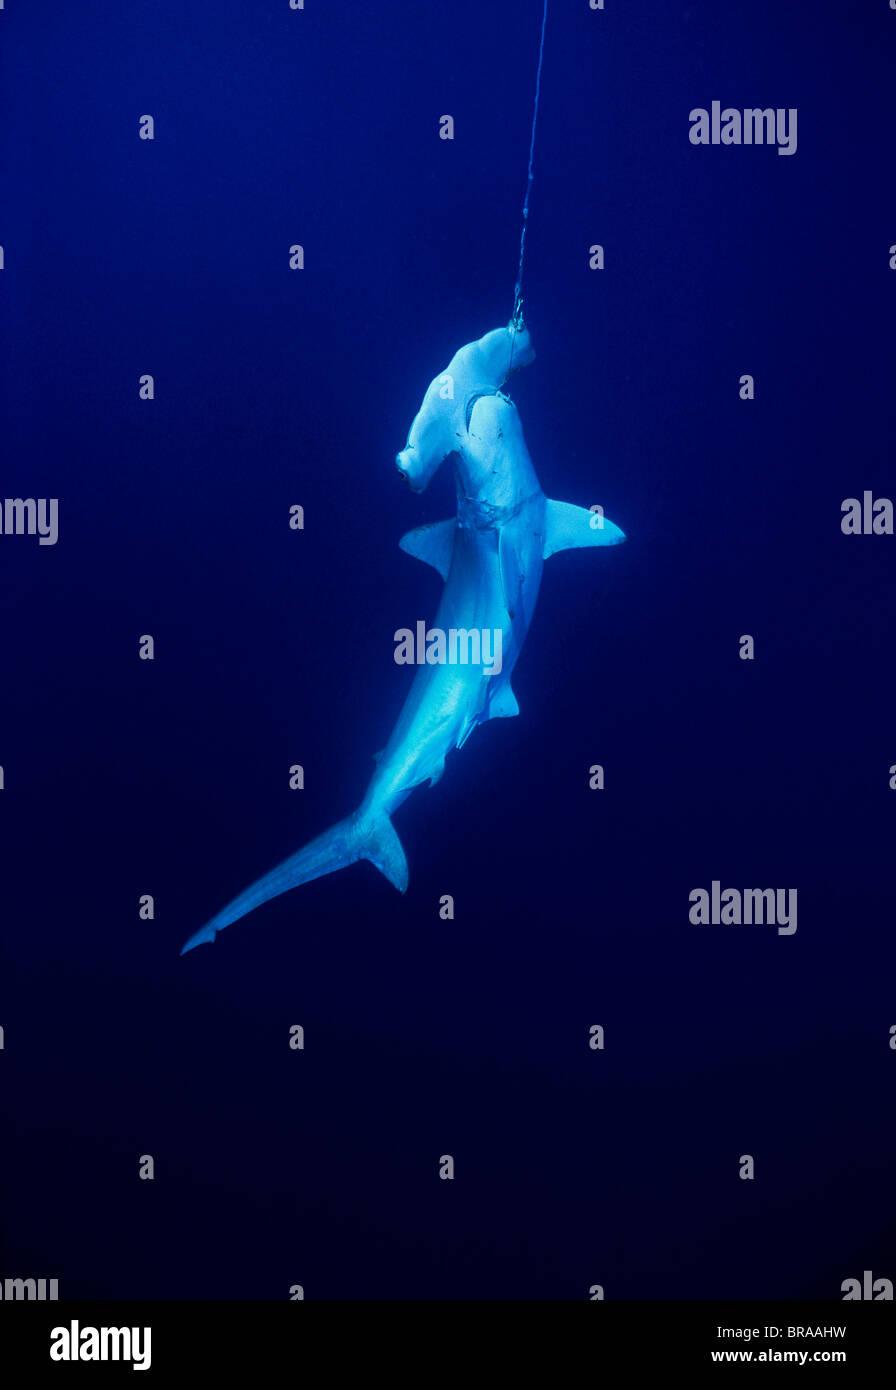 Vivir tiburón martillo (Sphyrna lewini) {Sphryna lewini} Caught on Long-line de aparejos de pesca, Islas Cocos Imagen De Stock